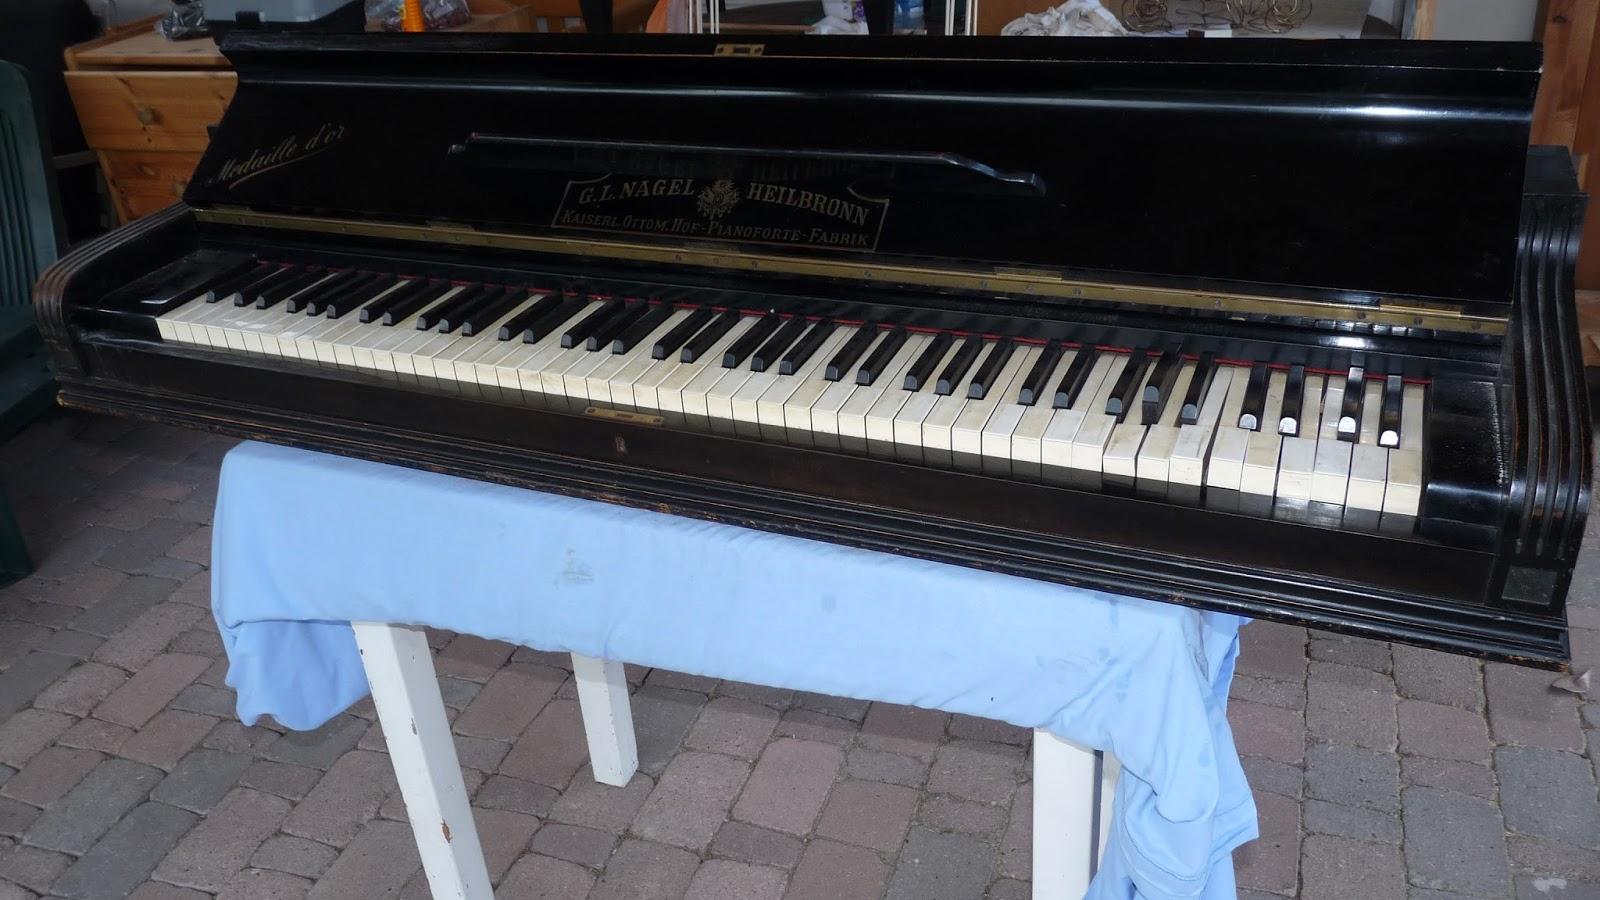 L 39 atelier de bobolina un piano dans la t te - Un piano dans la theiere ...